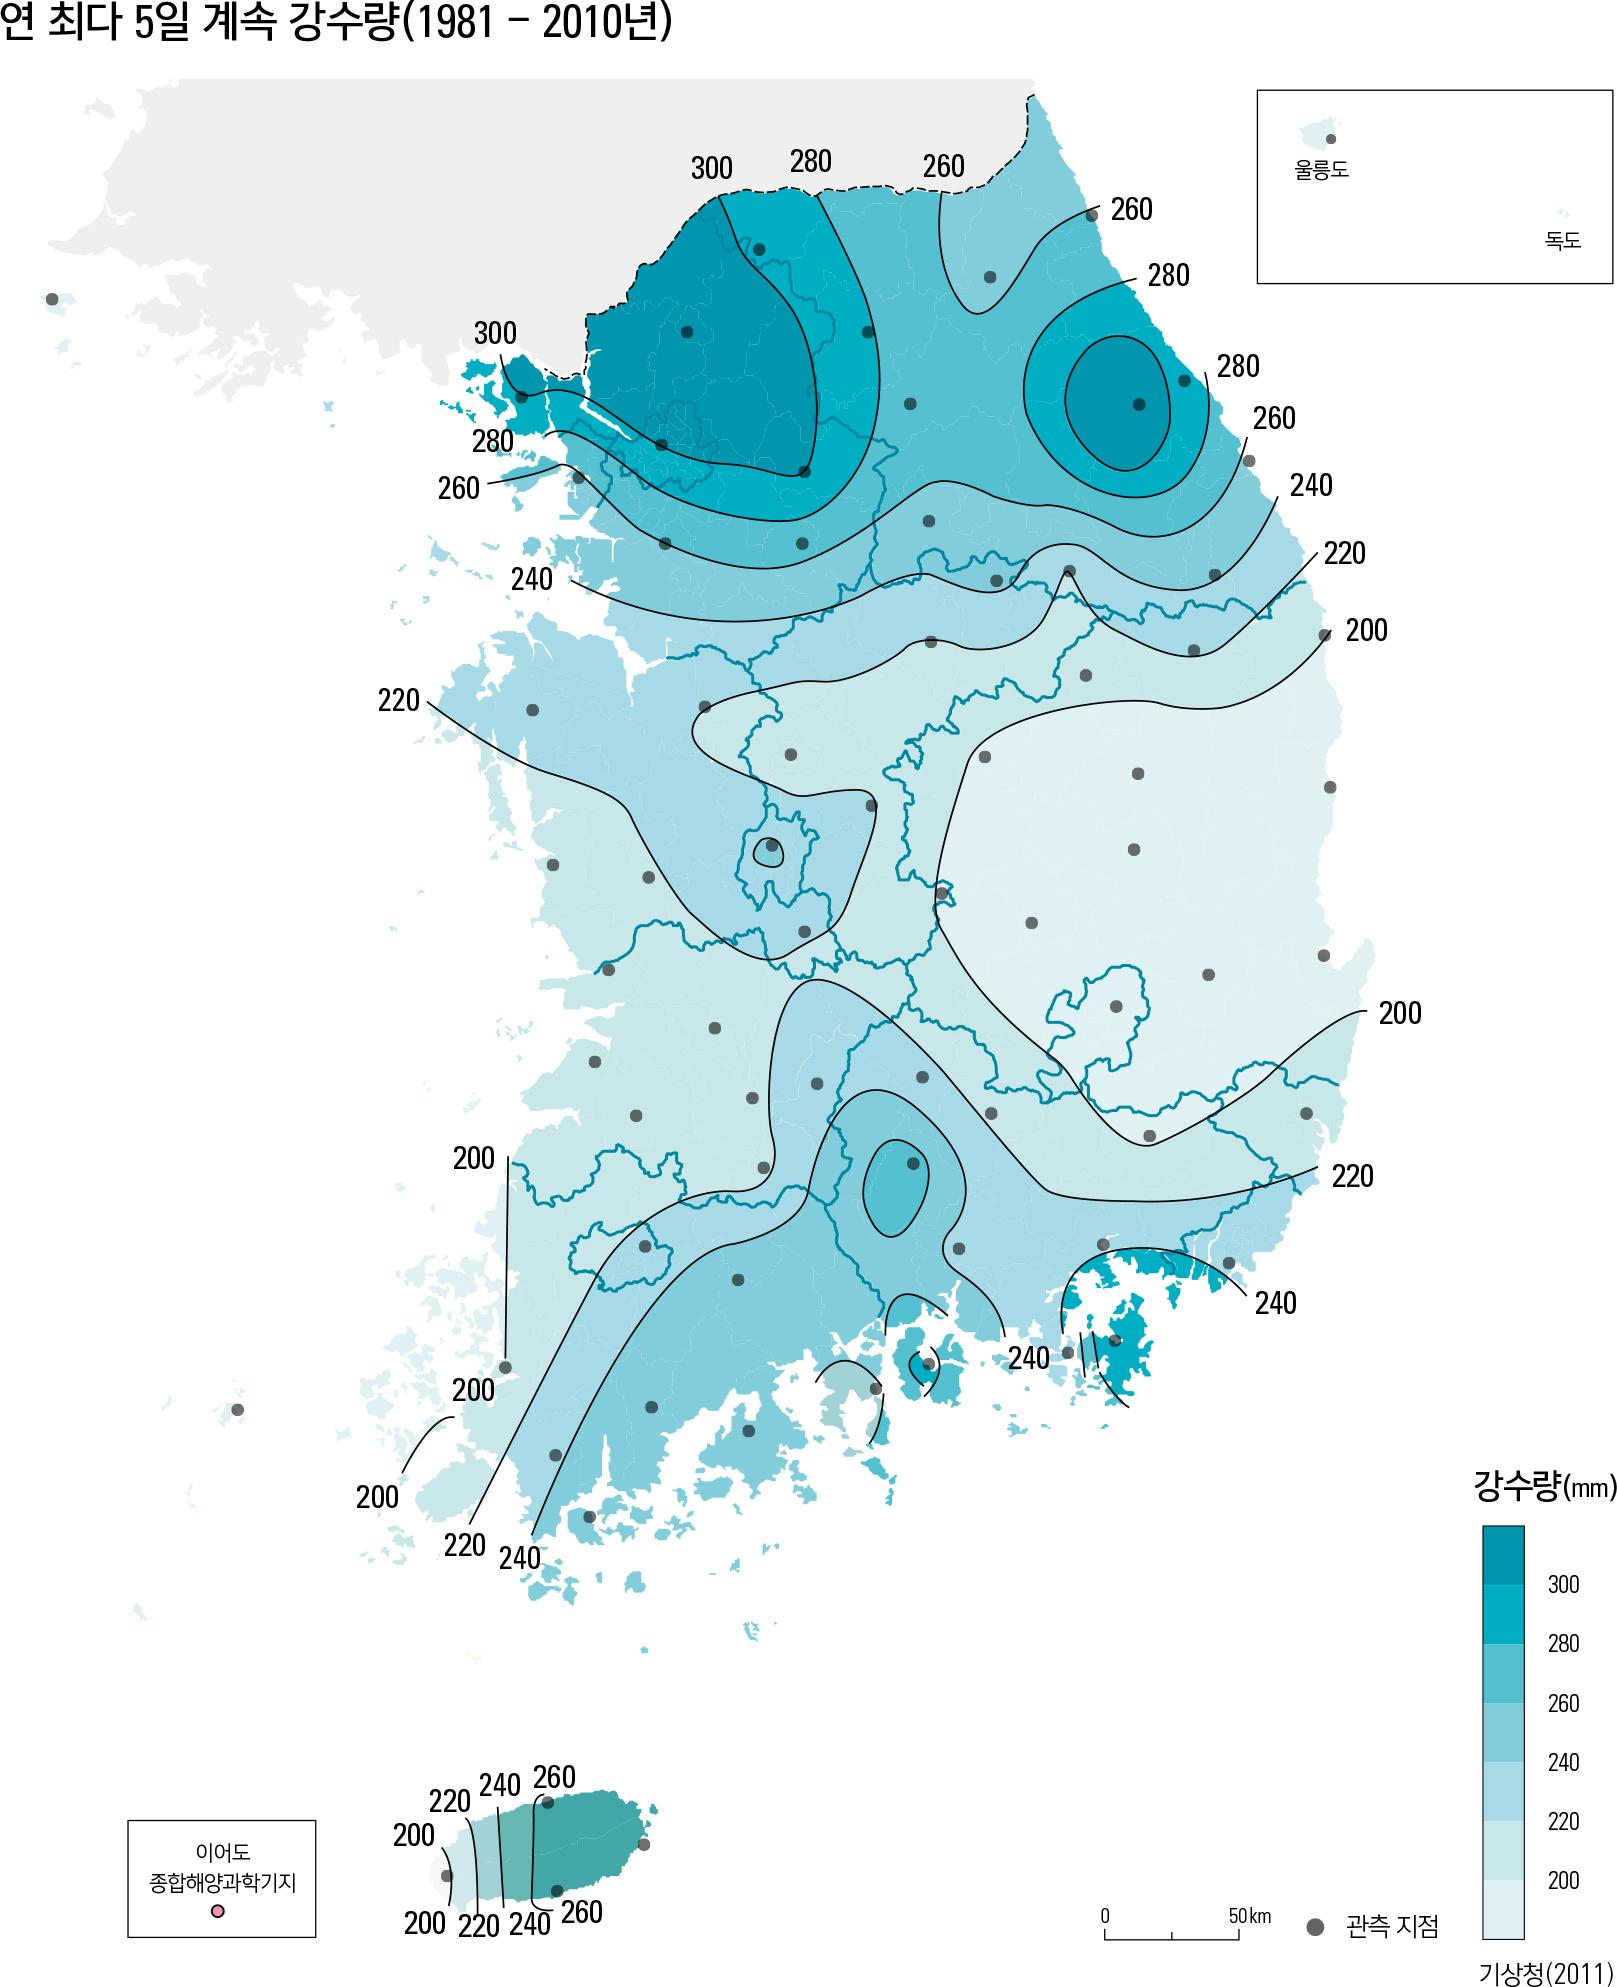 연 최다 5일 계속 강수량(1981 - 2010년)